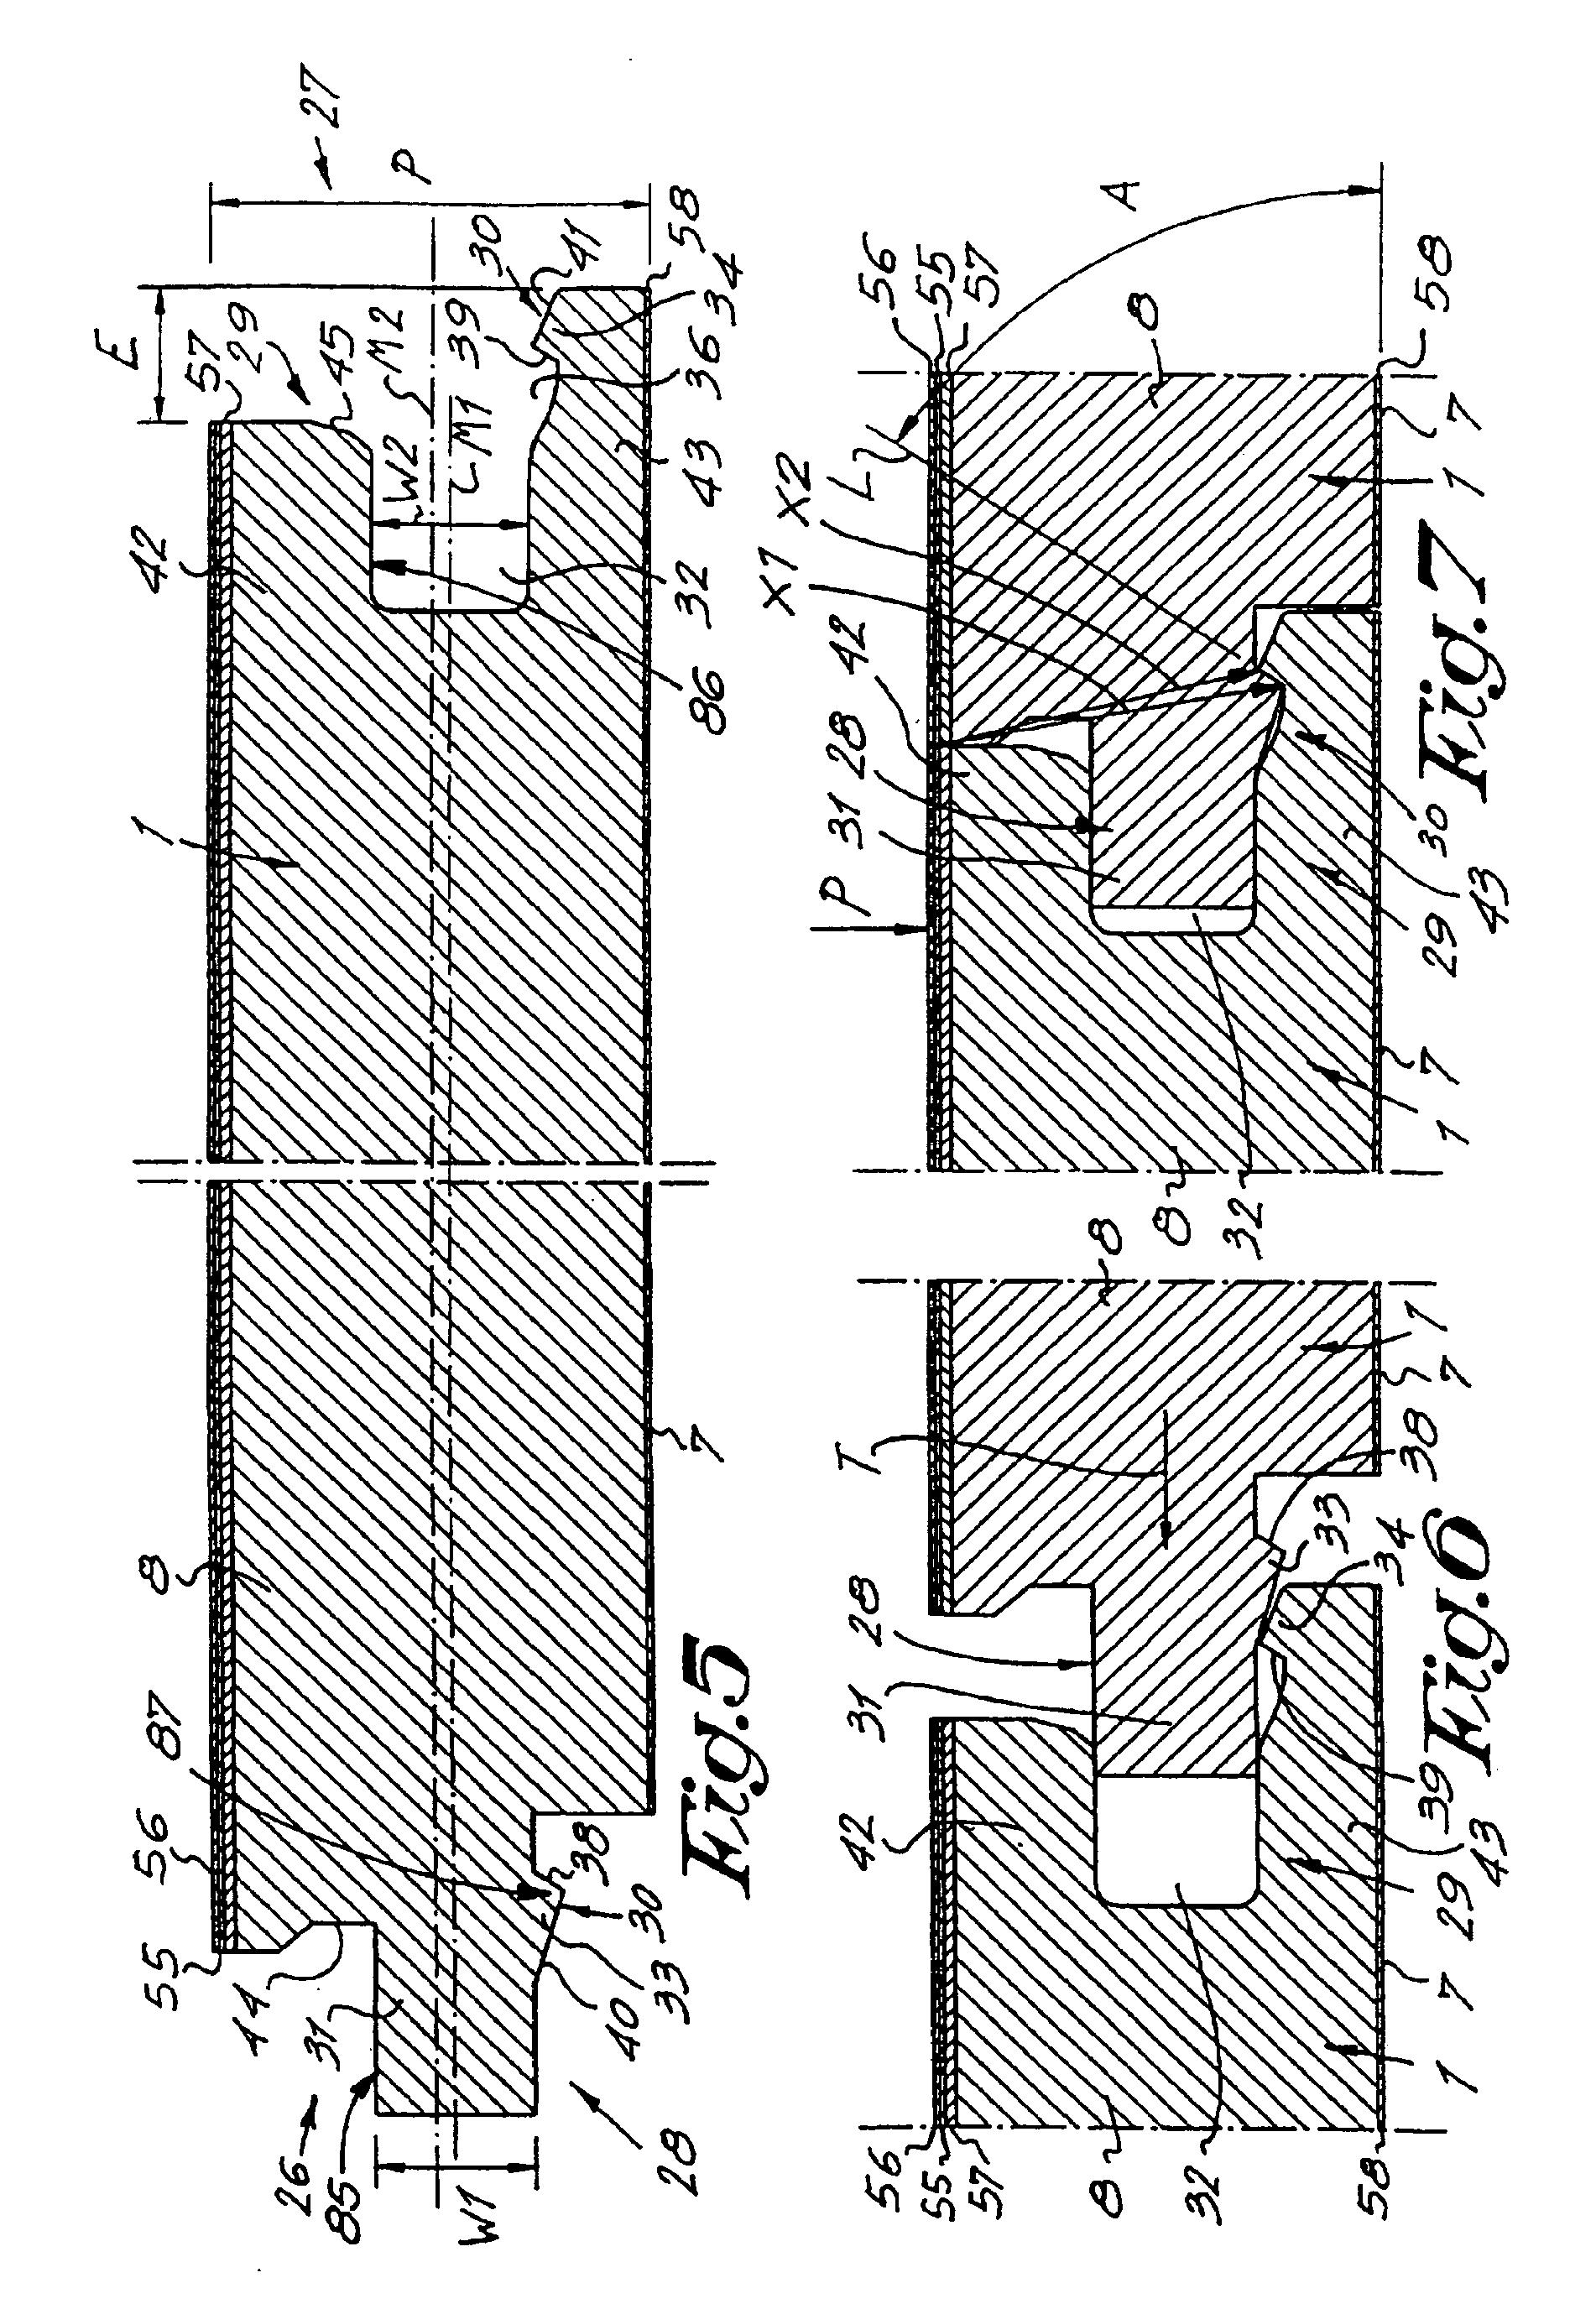 patent ep2031149a2 bodenbelag bestehend aus harten bodenplatten und verfahren zur herstellung. Black Bedroom Furniture Sets. Home Design Ideas